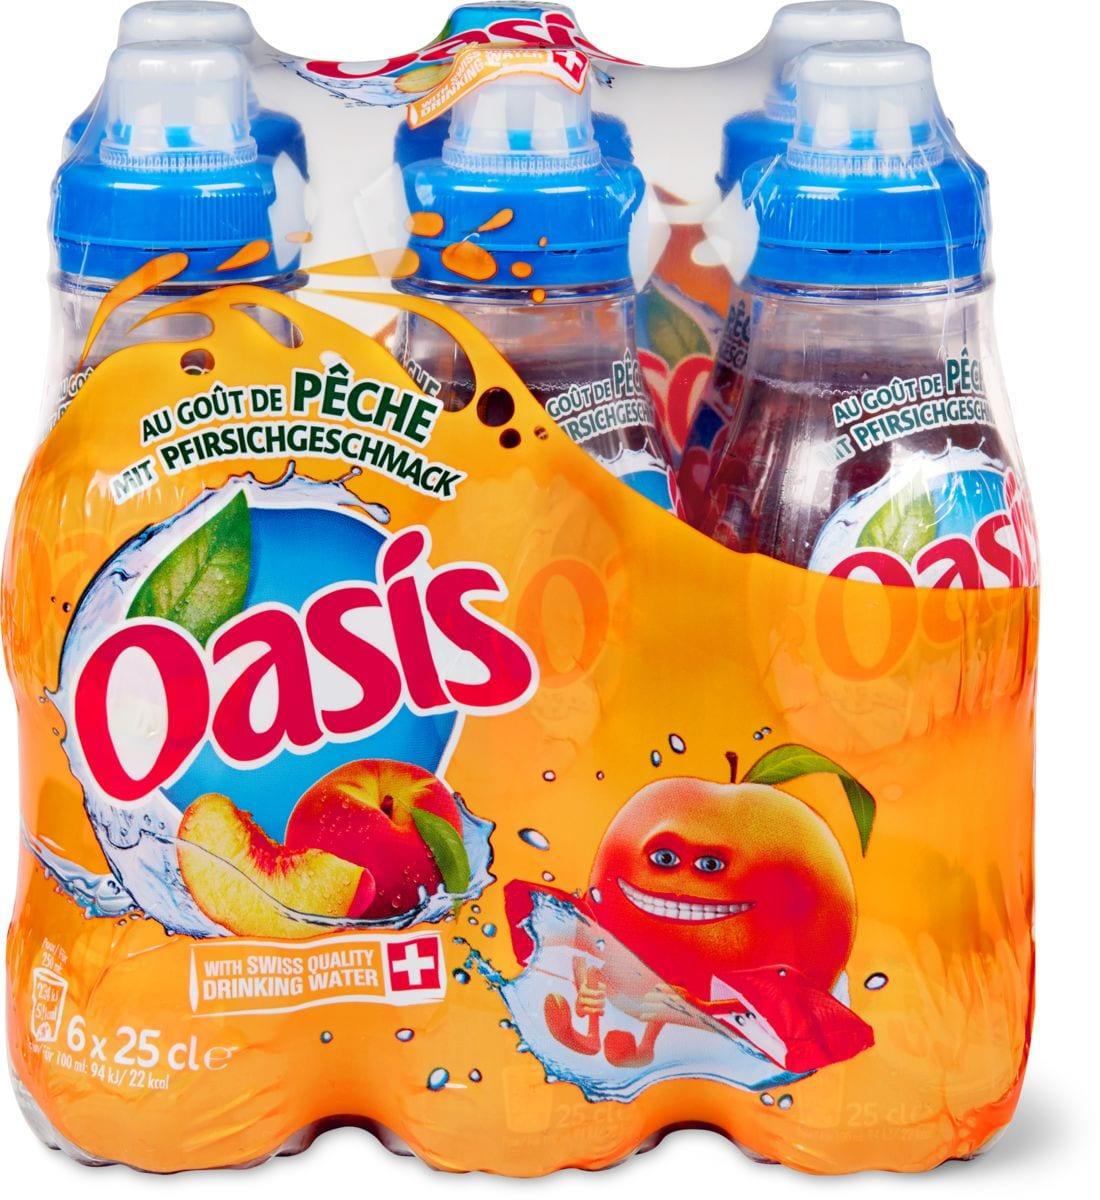 Oasis Pfirsich